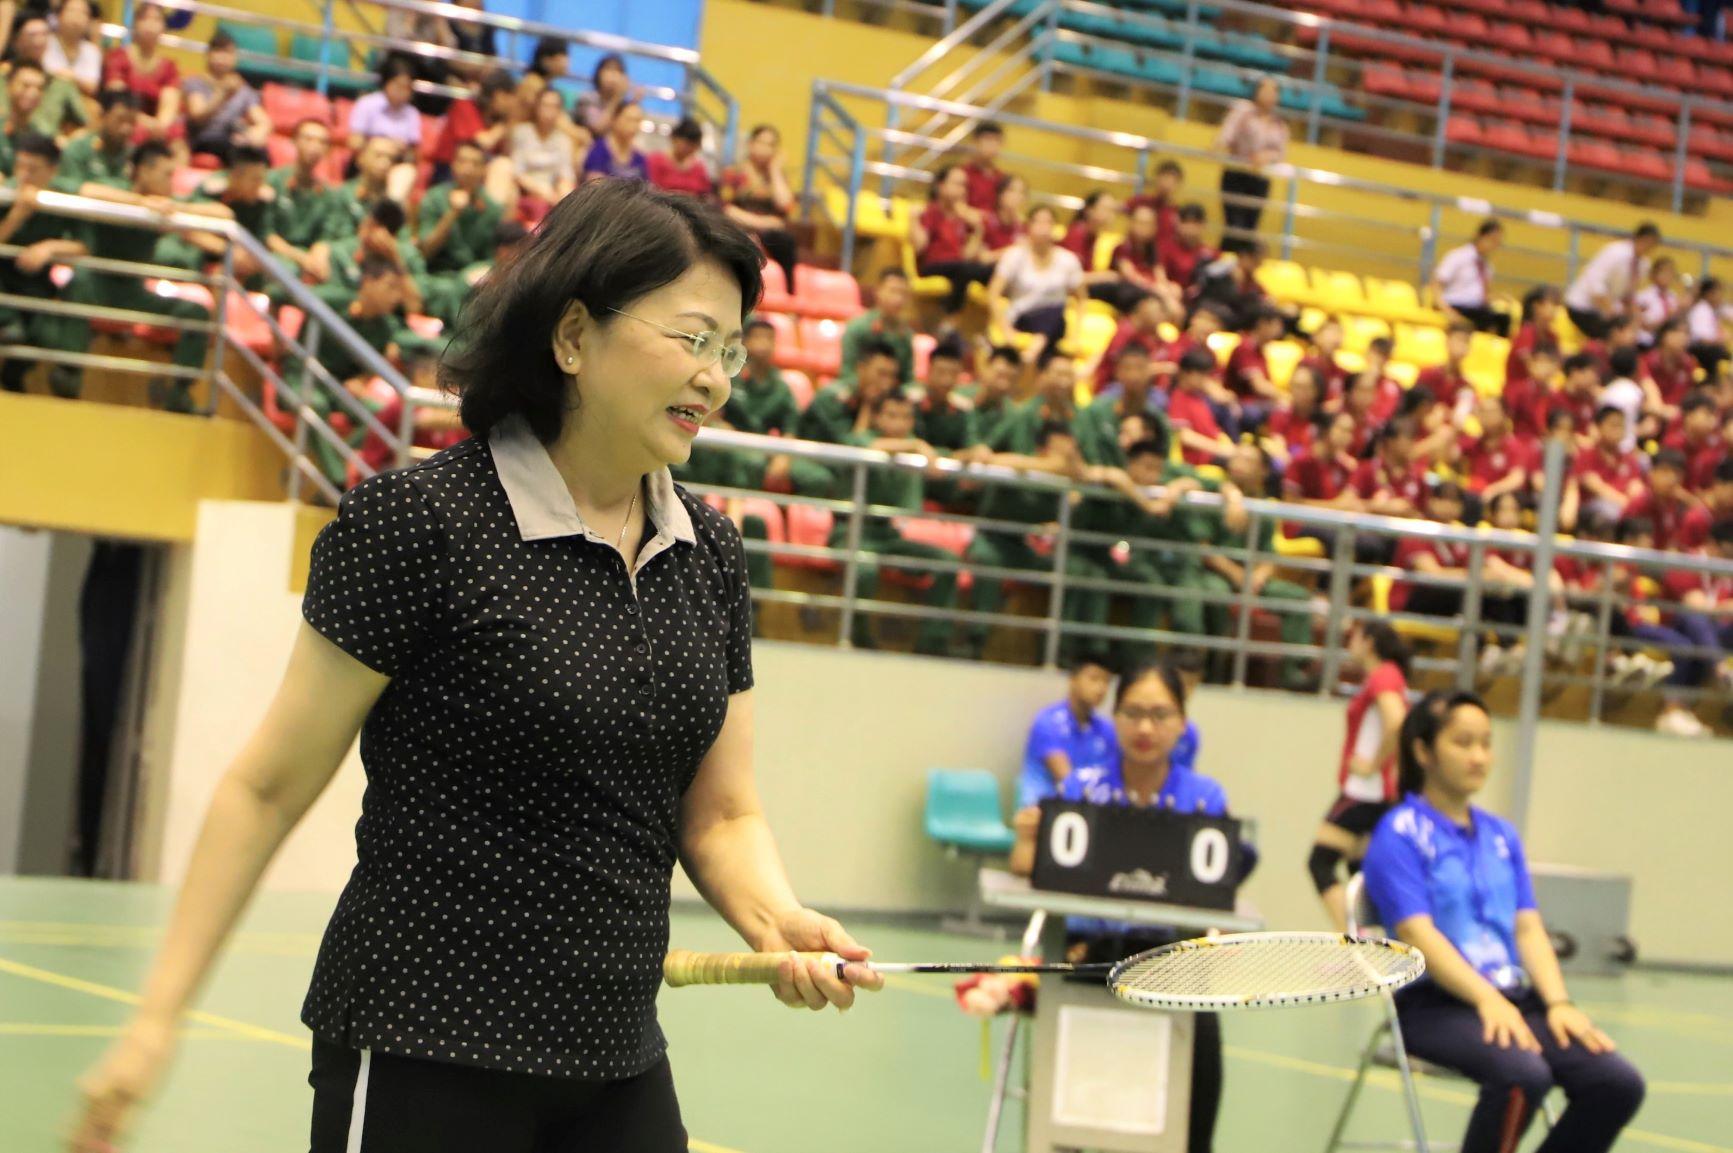 Phó Chủ tịch nước Đặng Thị Ngọc Thịnh trông khỏe khắn, năng động khi thi đấu cầu lông.